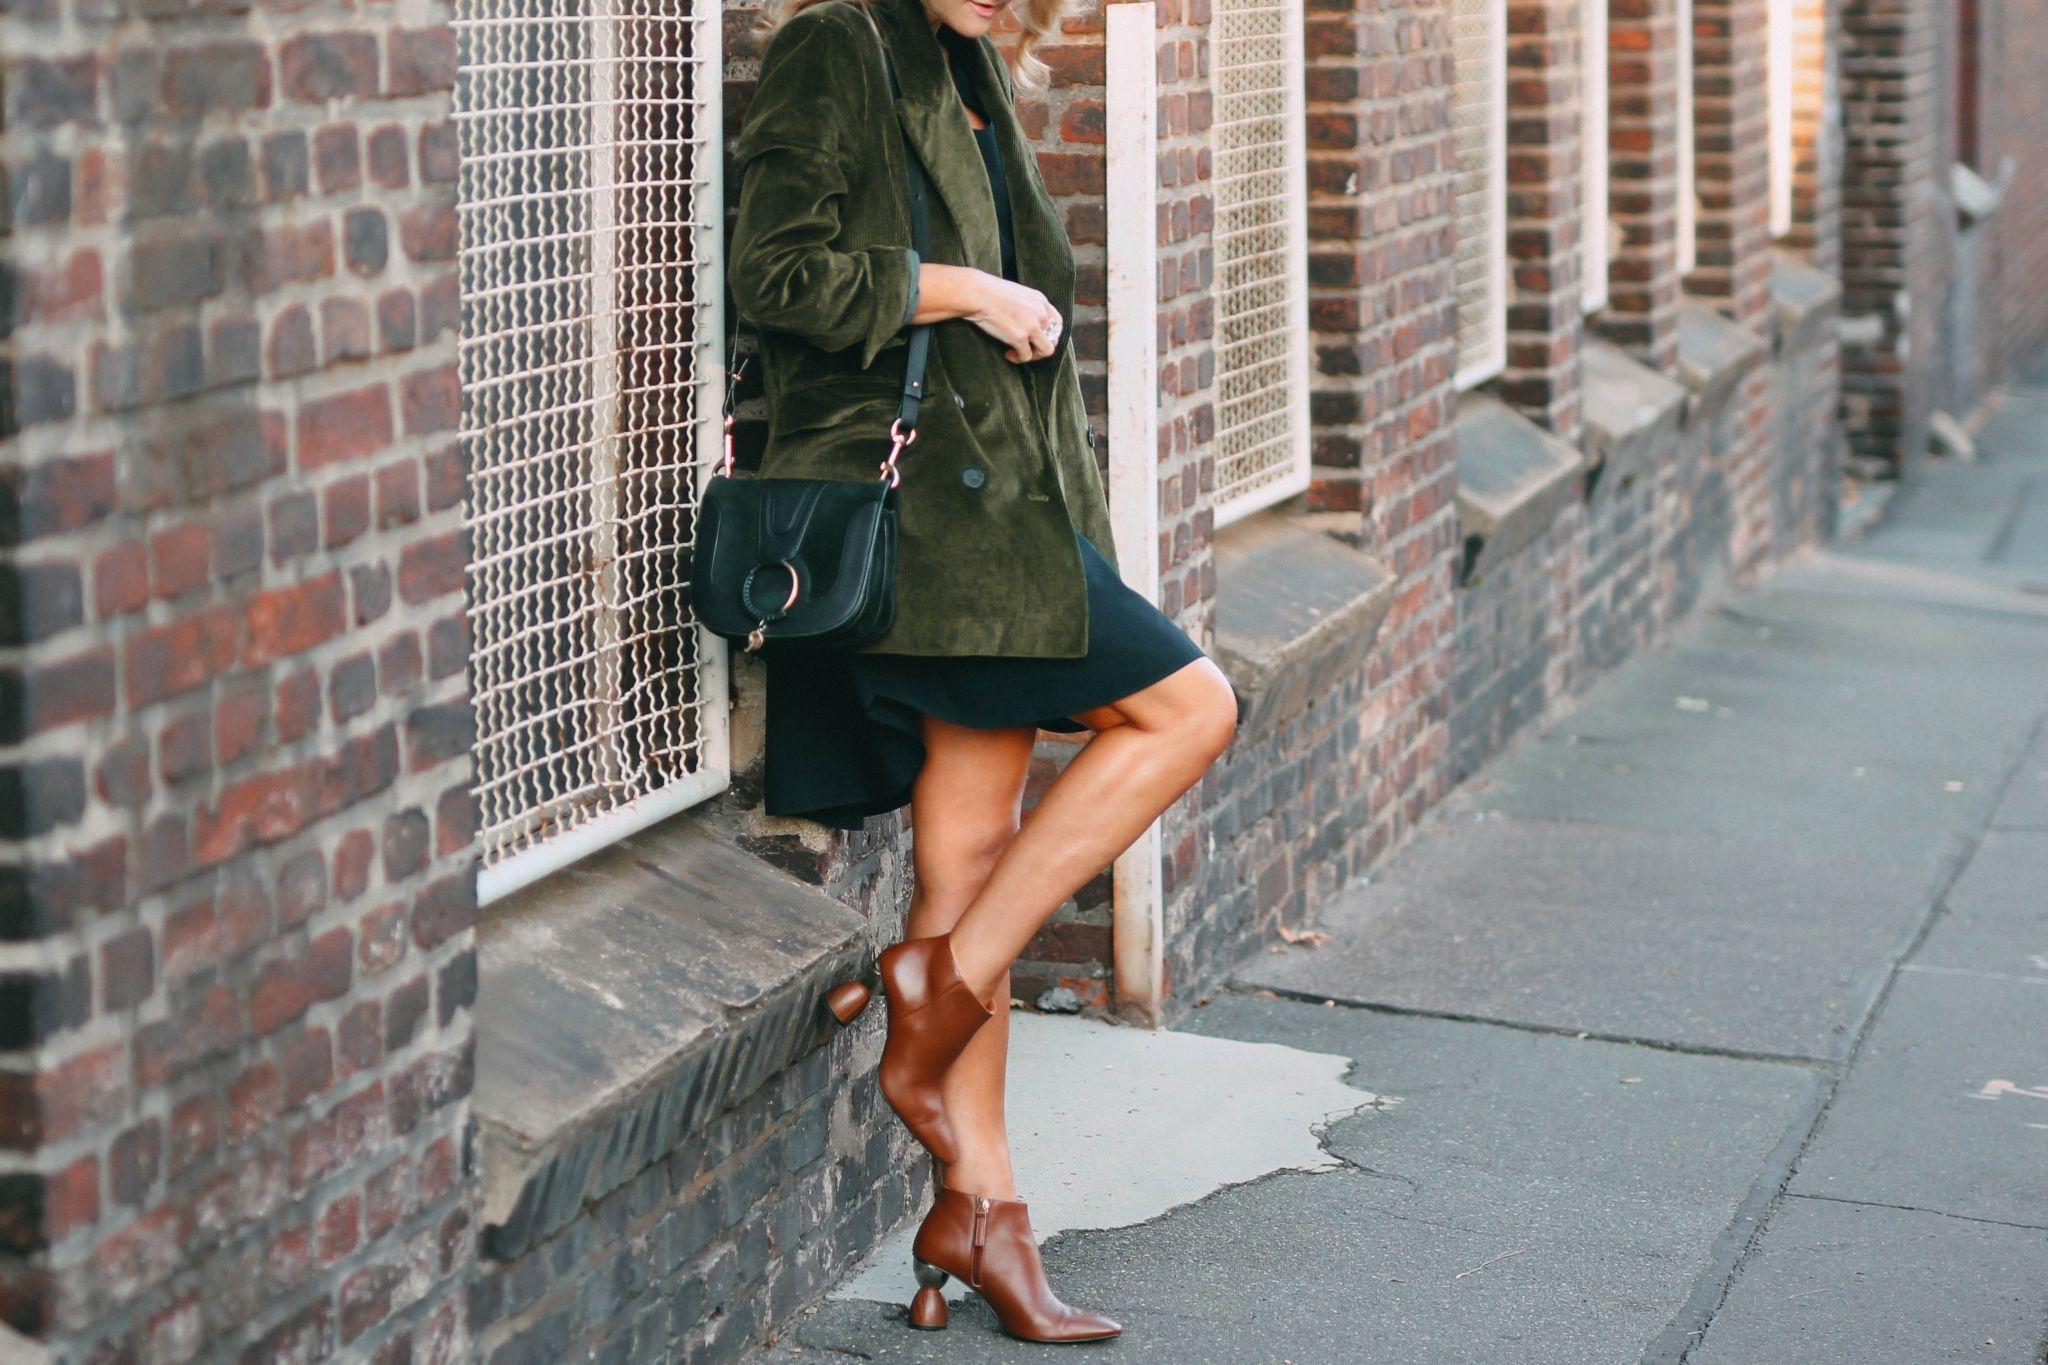 Nowshine ü 40 Modeblog - Herbstoutfit - grüner Cordblazer - der Herbst und ich